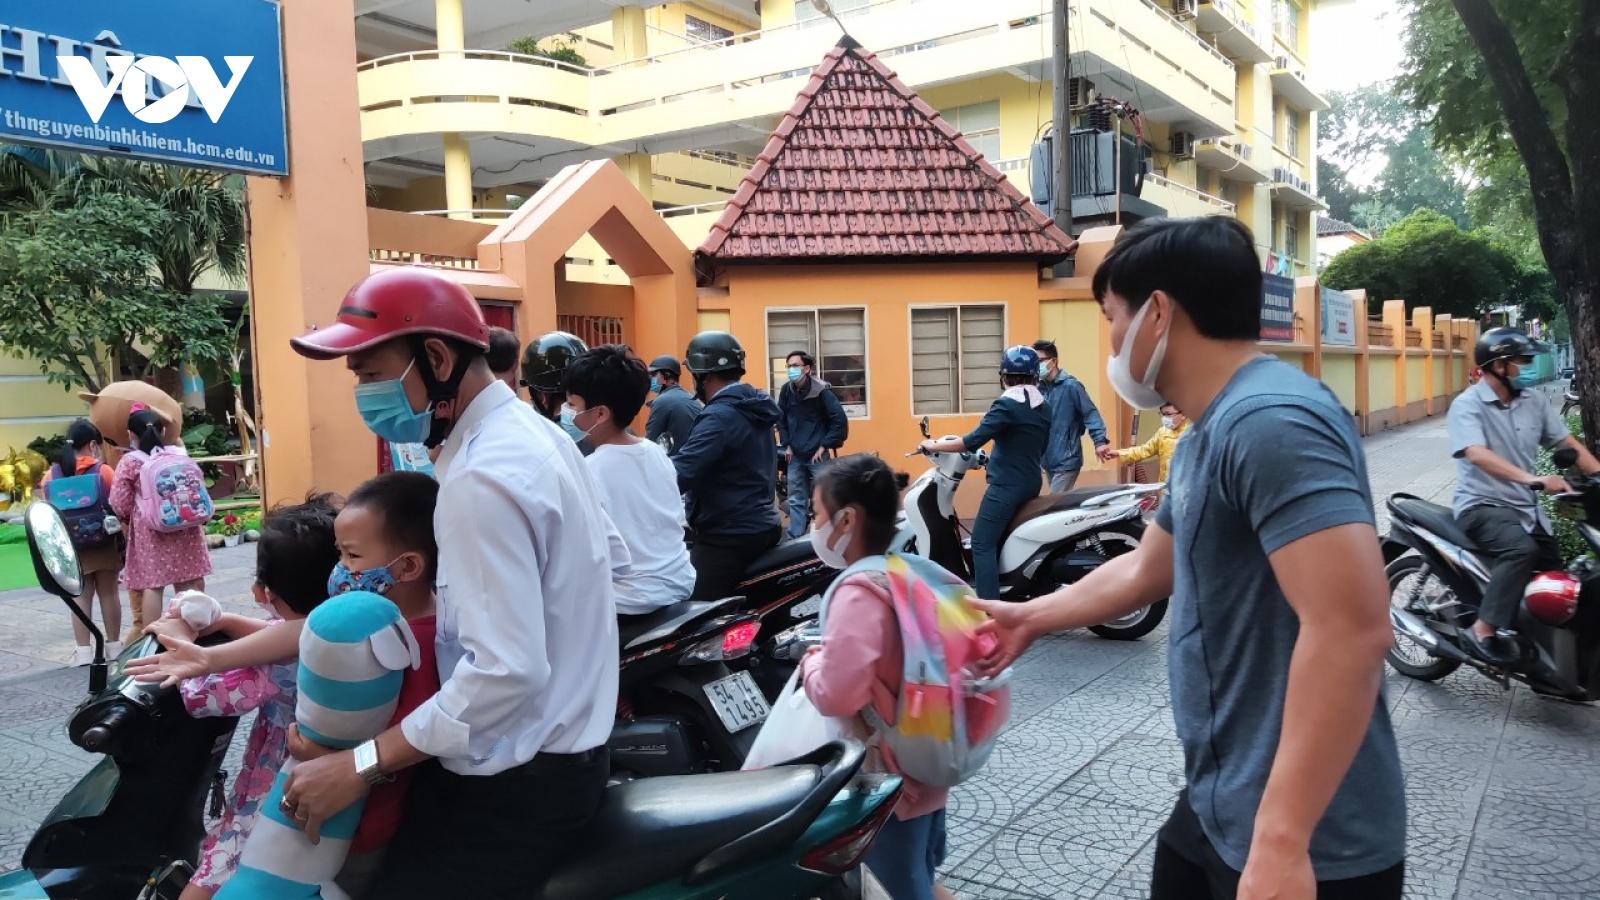 Học sinh, sinh viên ở TPHCM trở lại trường sau thời gian nghỉ vì Covid-19